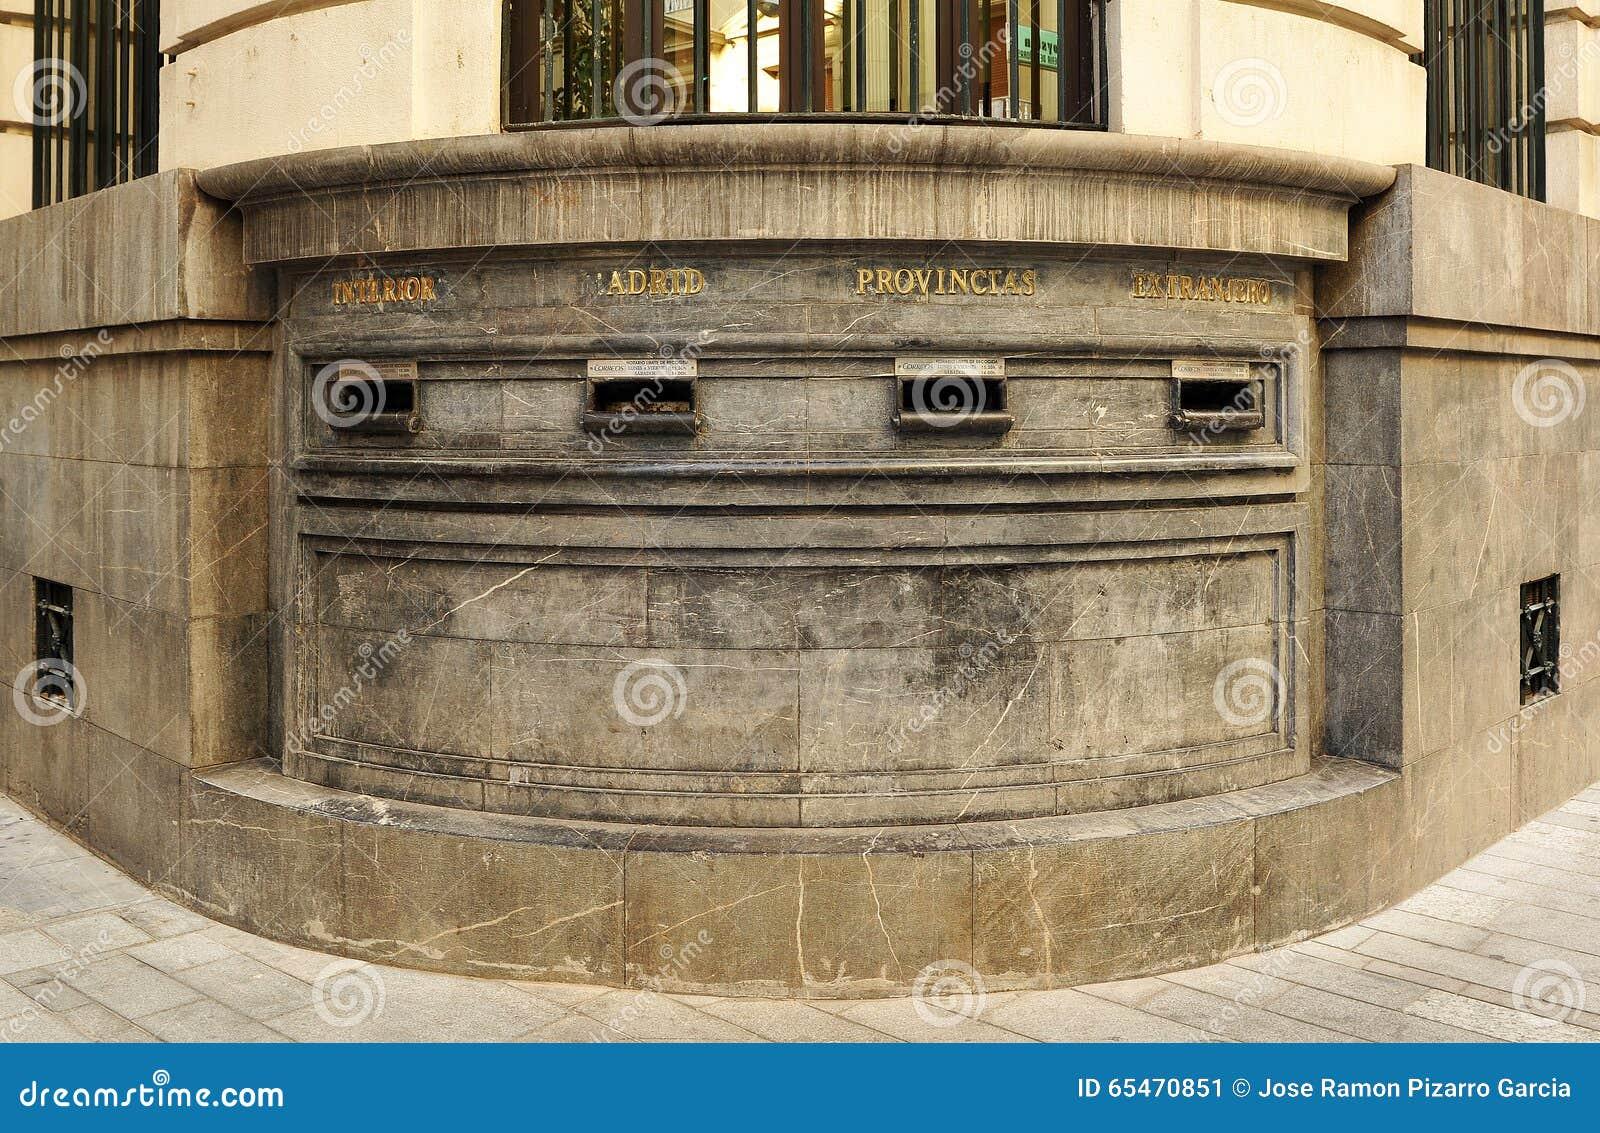 Buzones de correos precios best trendy com anuncios de buzones correos buzones correos with - Oficina central de correos barcelona ...